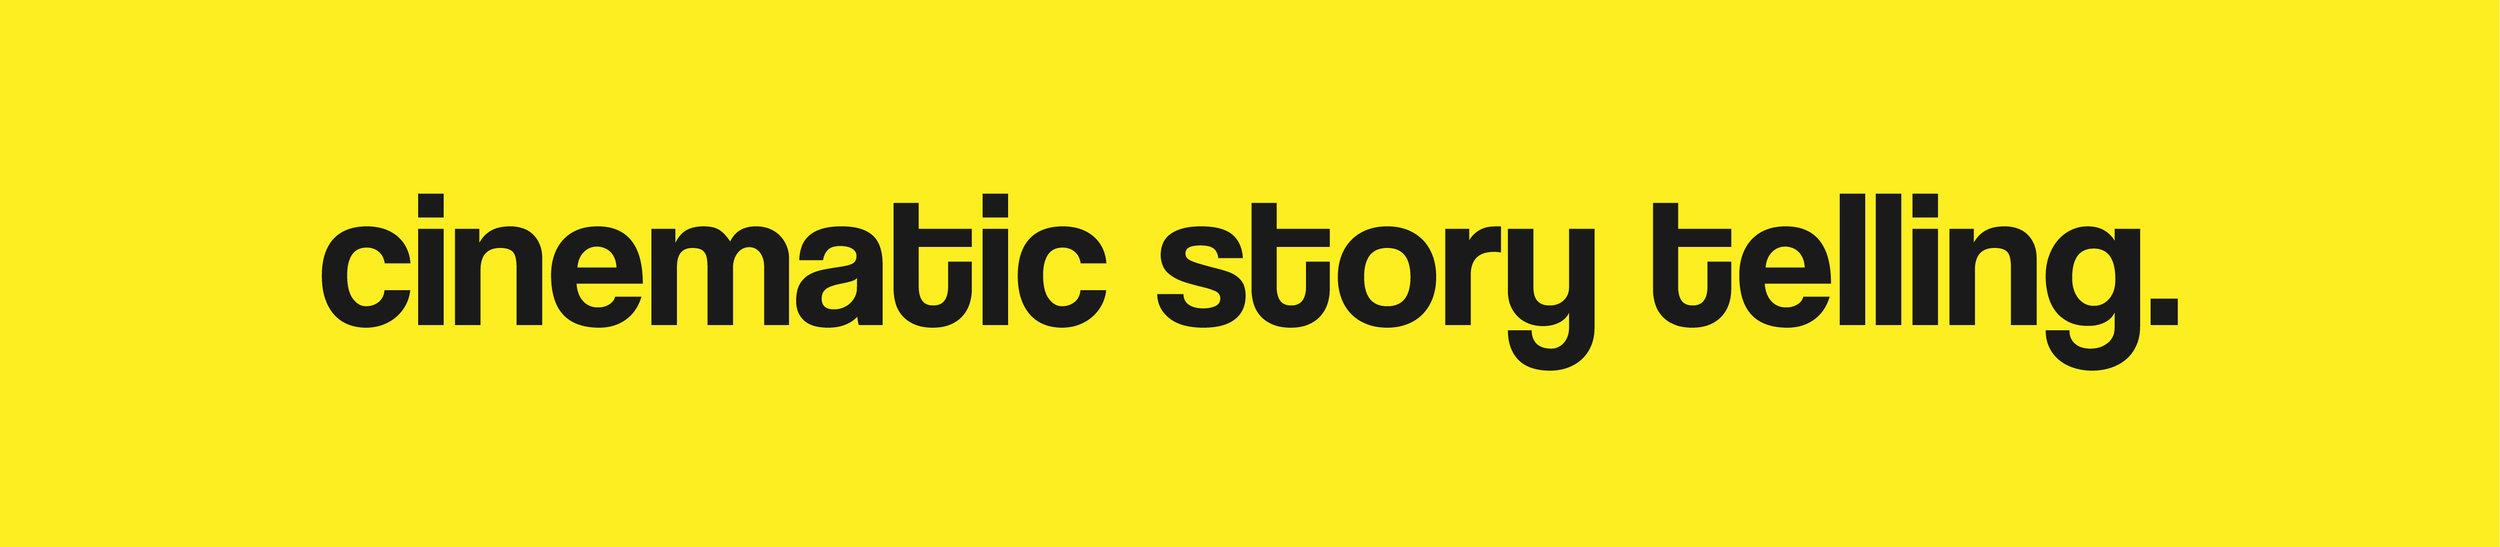 cinematic story telling-02.jpg